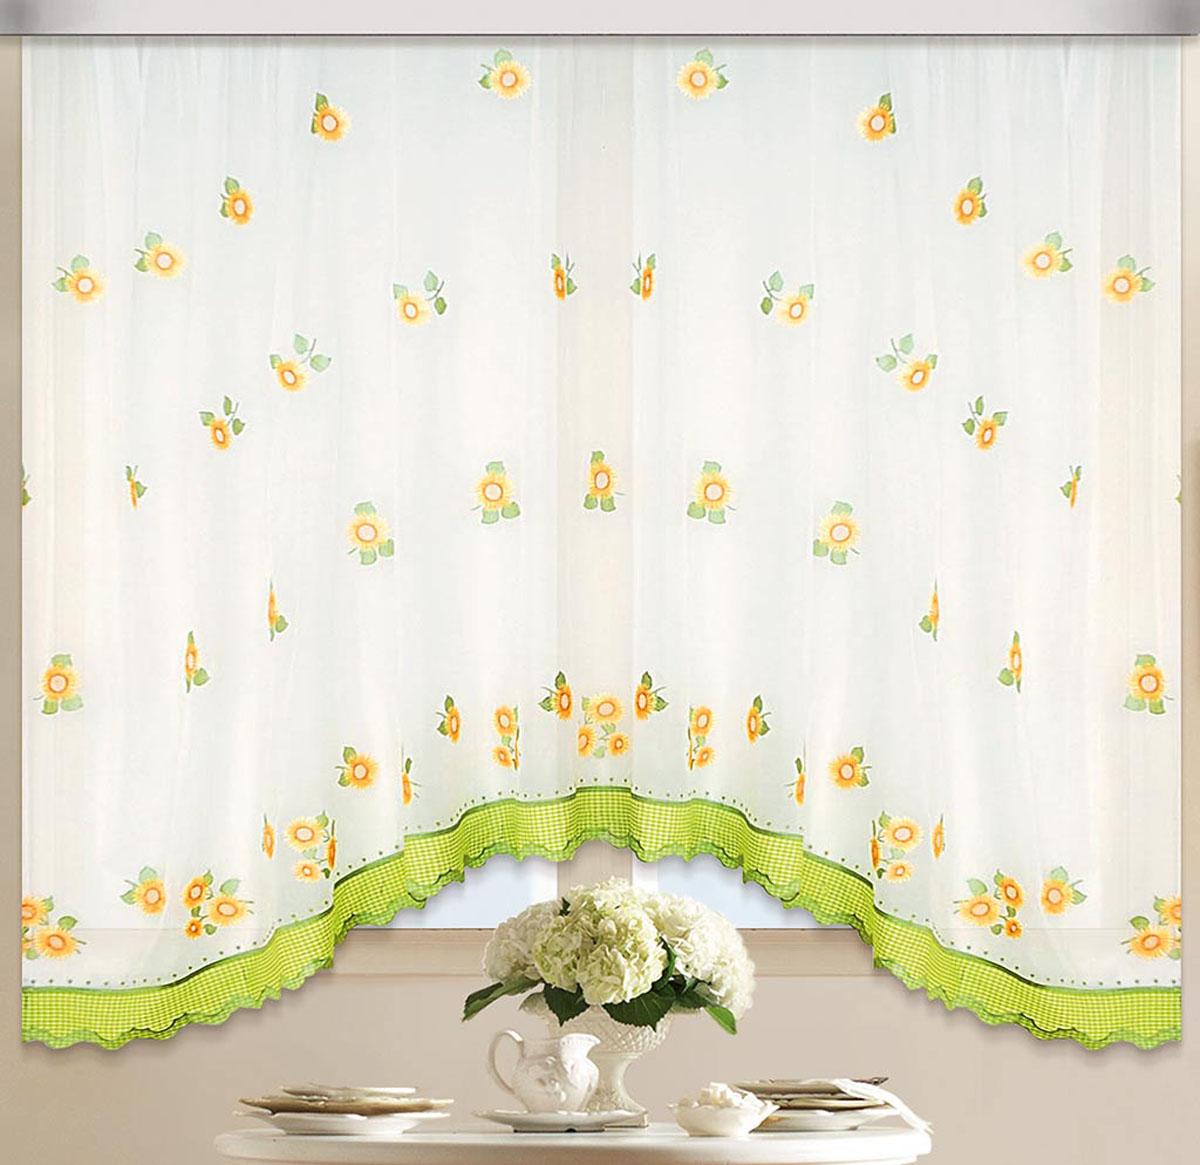 Штора Арка. Солнышко-подсолнышко, на ленте, цвет: белый, зеленый, желтый, высота 170 см80113Вуалевое полотно с вышивкой. Стирка не более 30 градусов